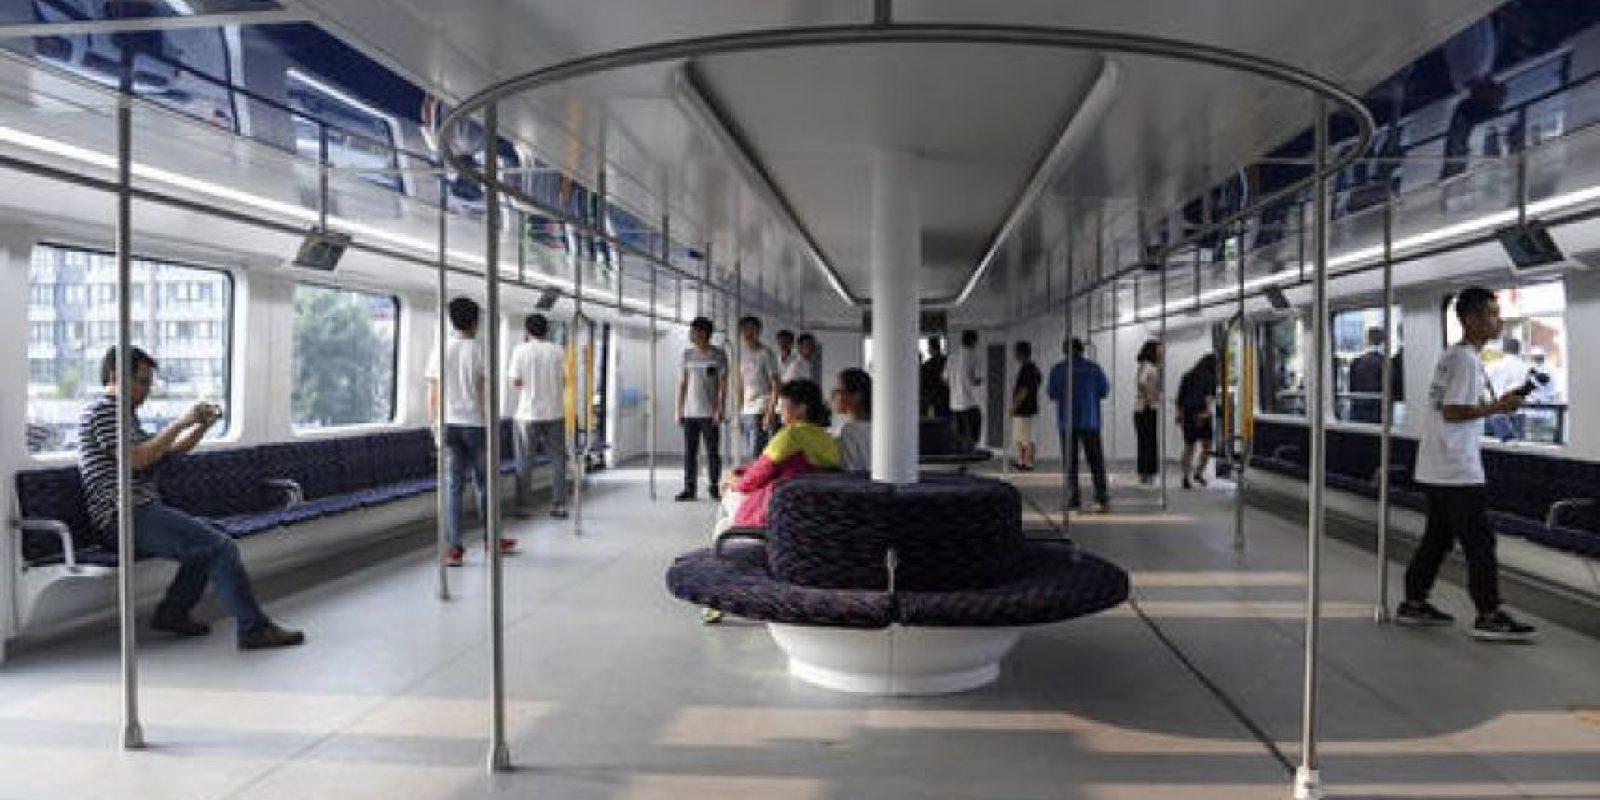 Así luce el interior del enorme autobús Foto:AP